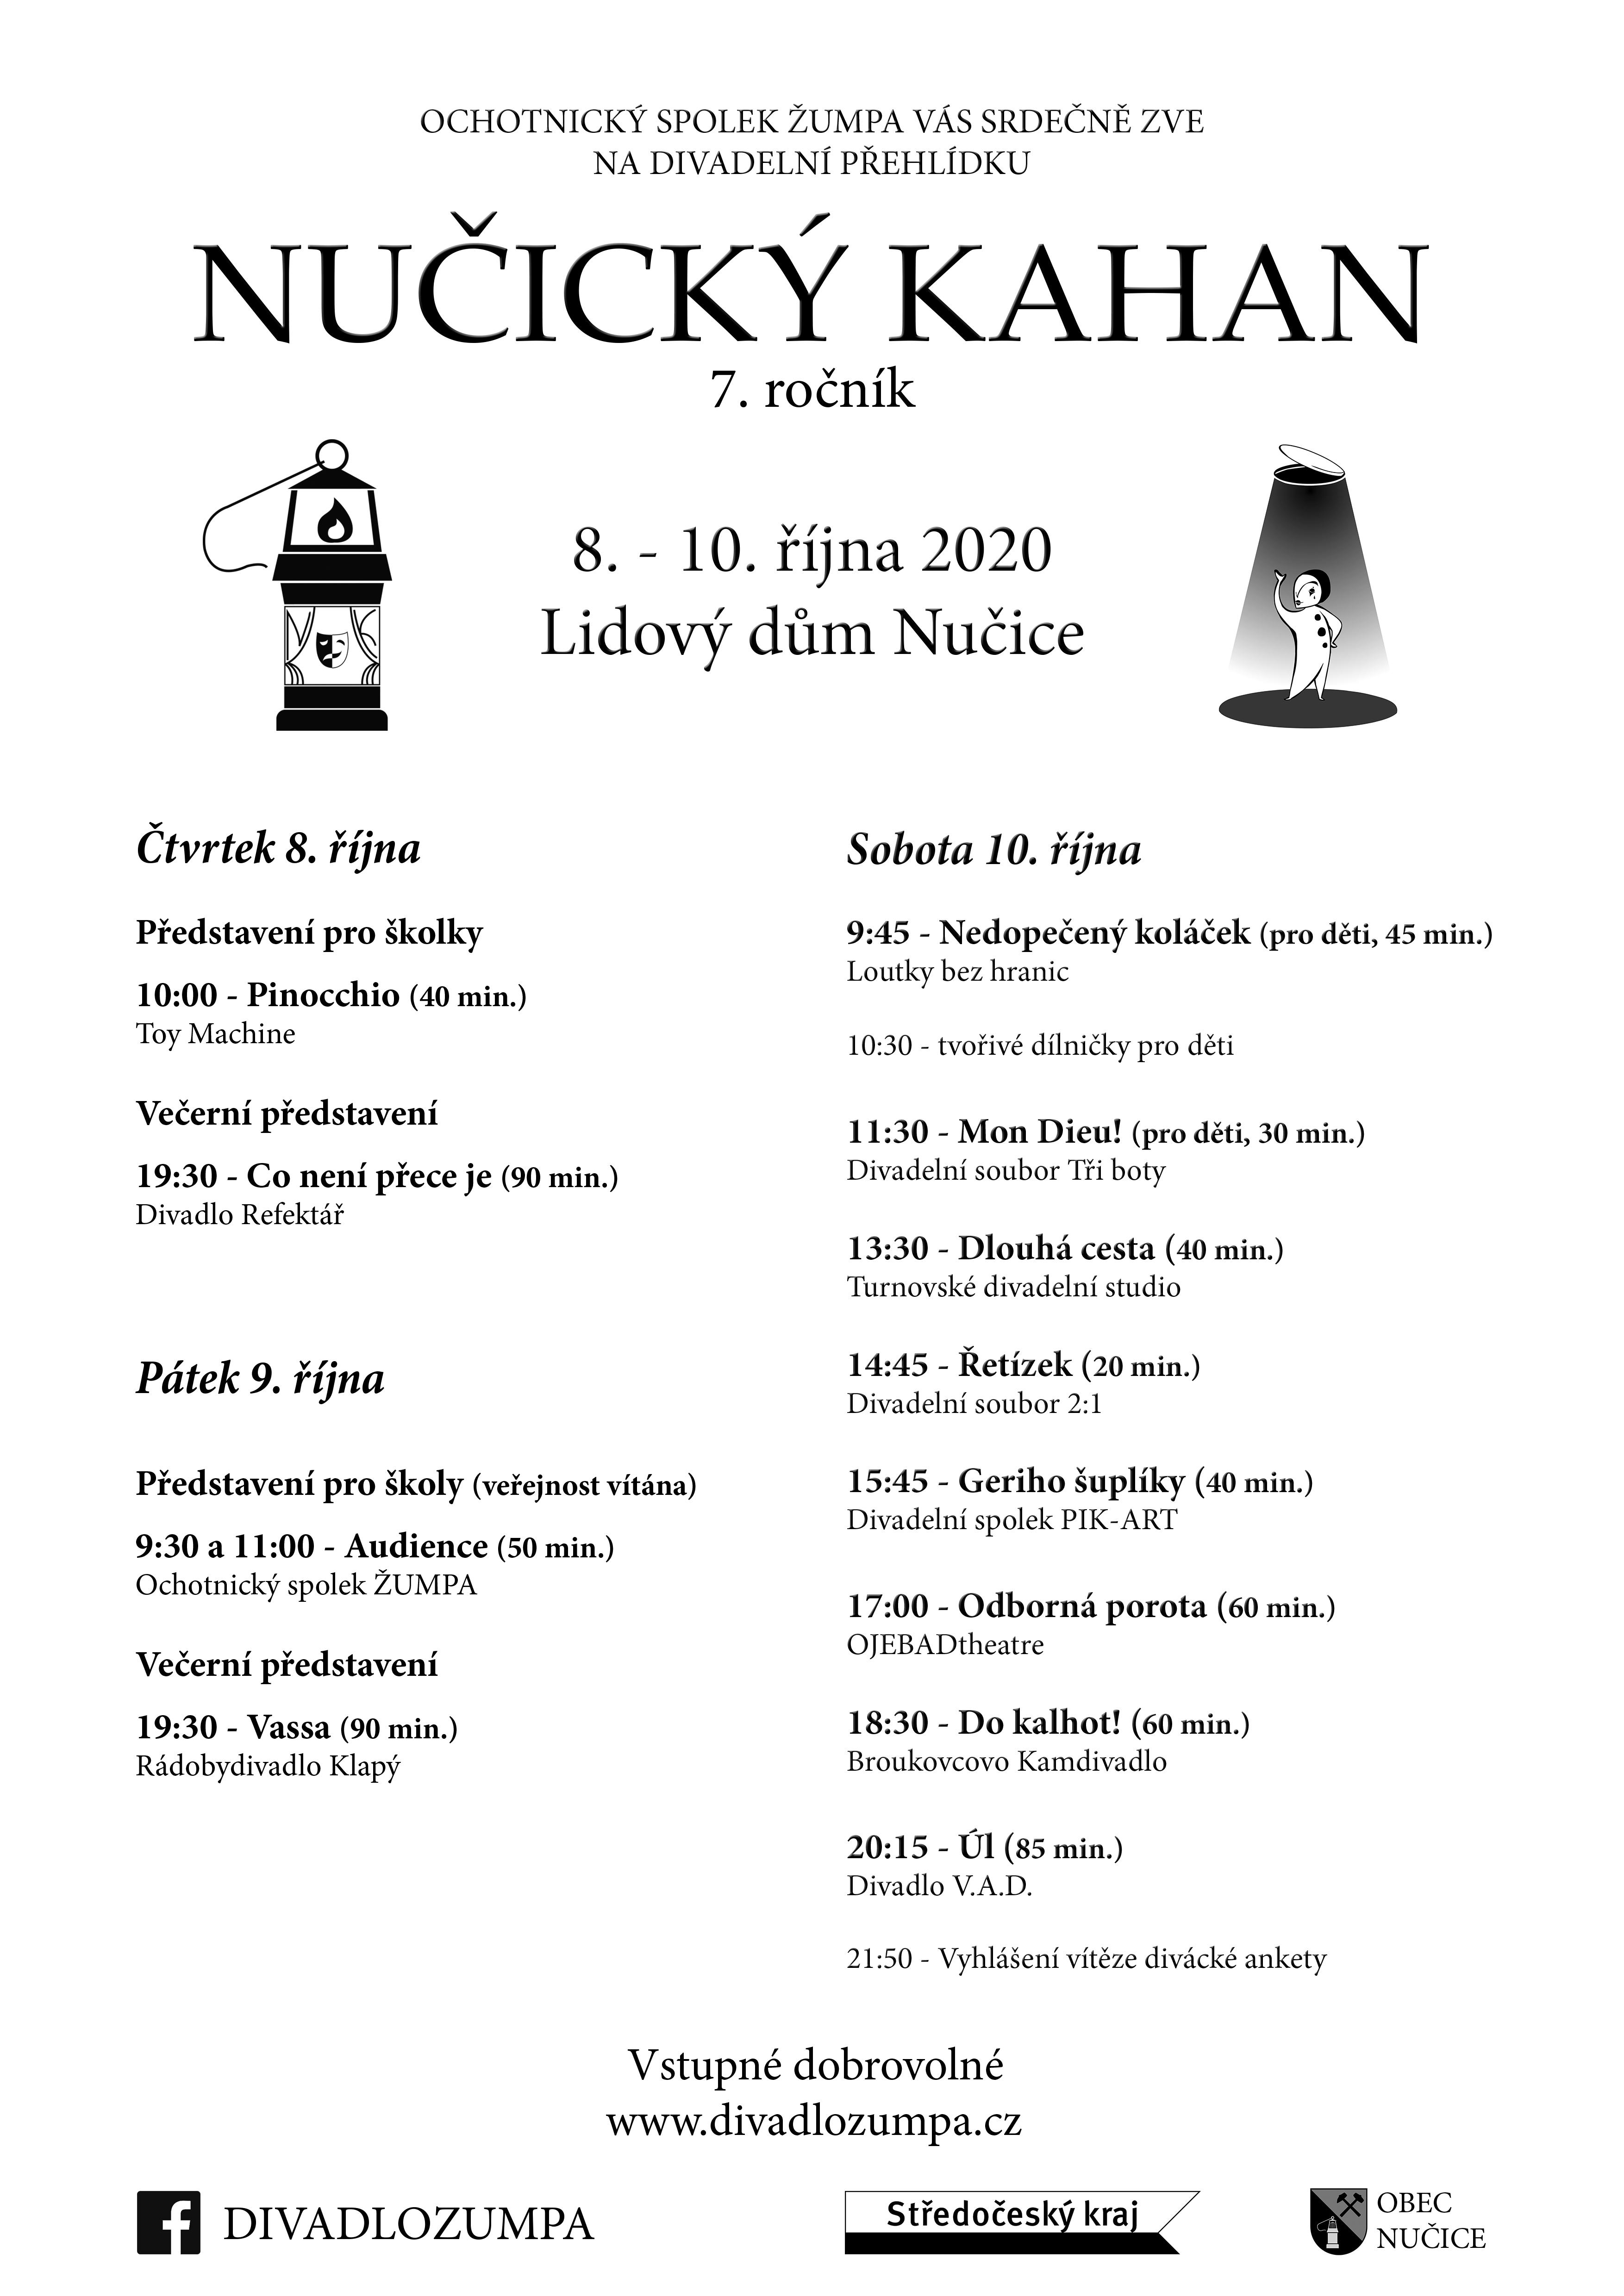 Nučický Kahan - divadelní přehlídka -Nučice (Praha - západ)